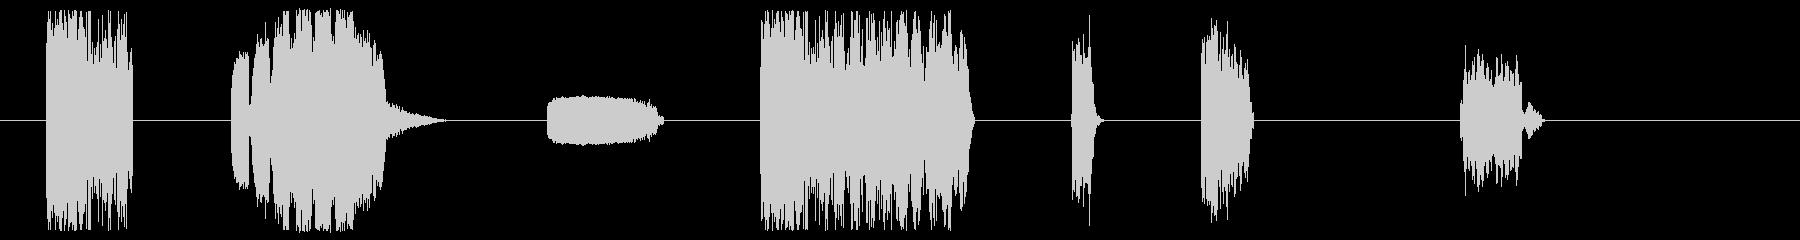 ダークショート-7バージョン-漫画の未再生の波形